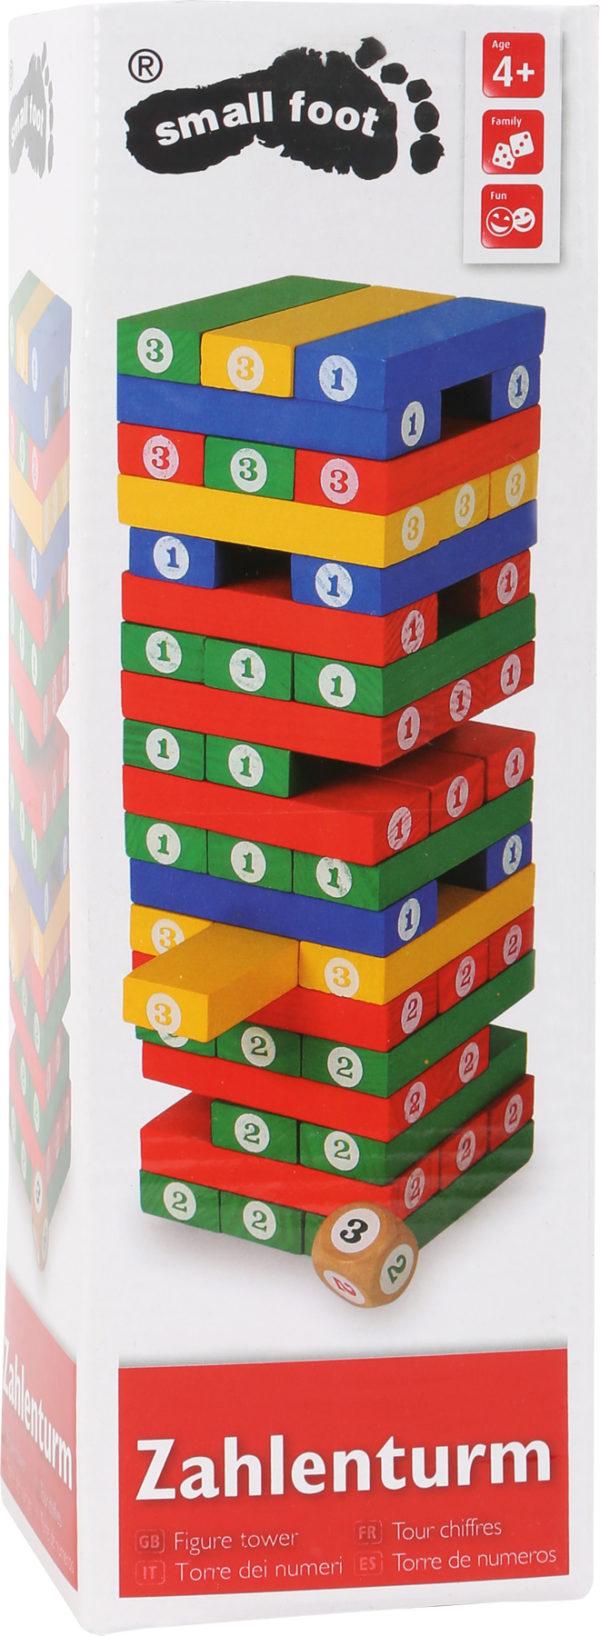 torre dei numeri pack